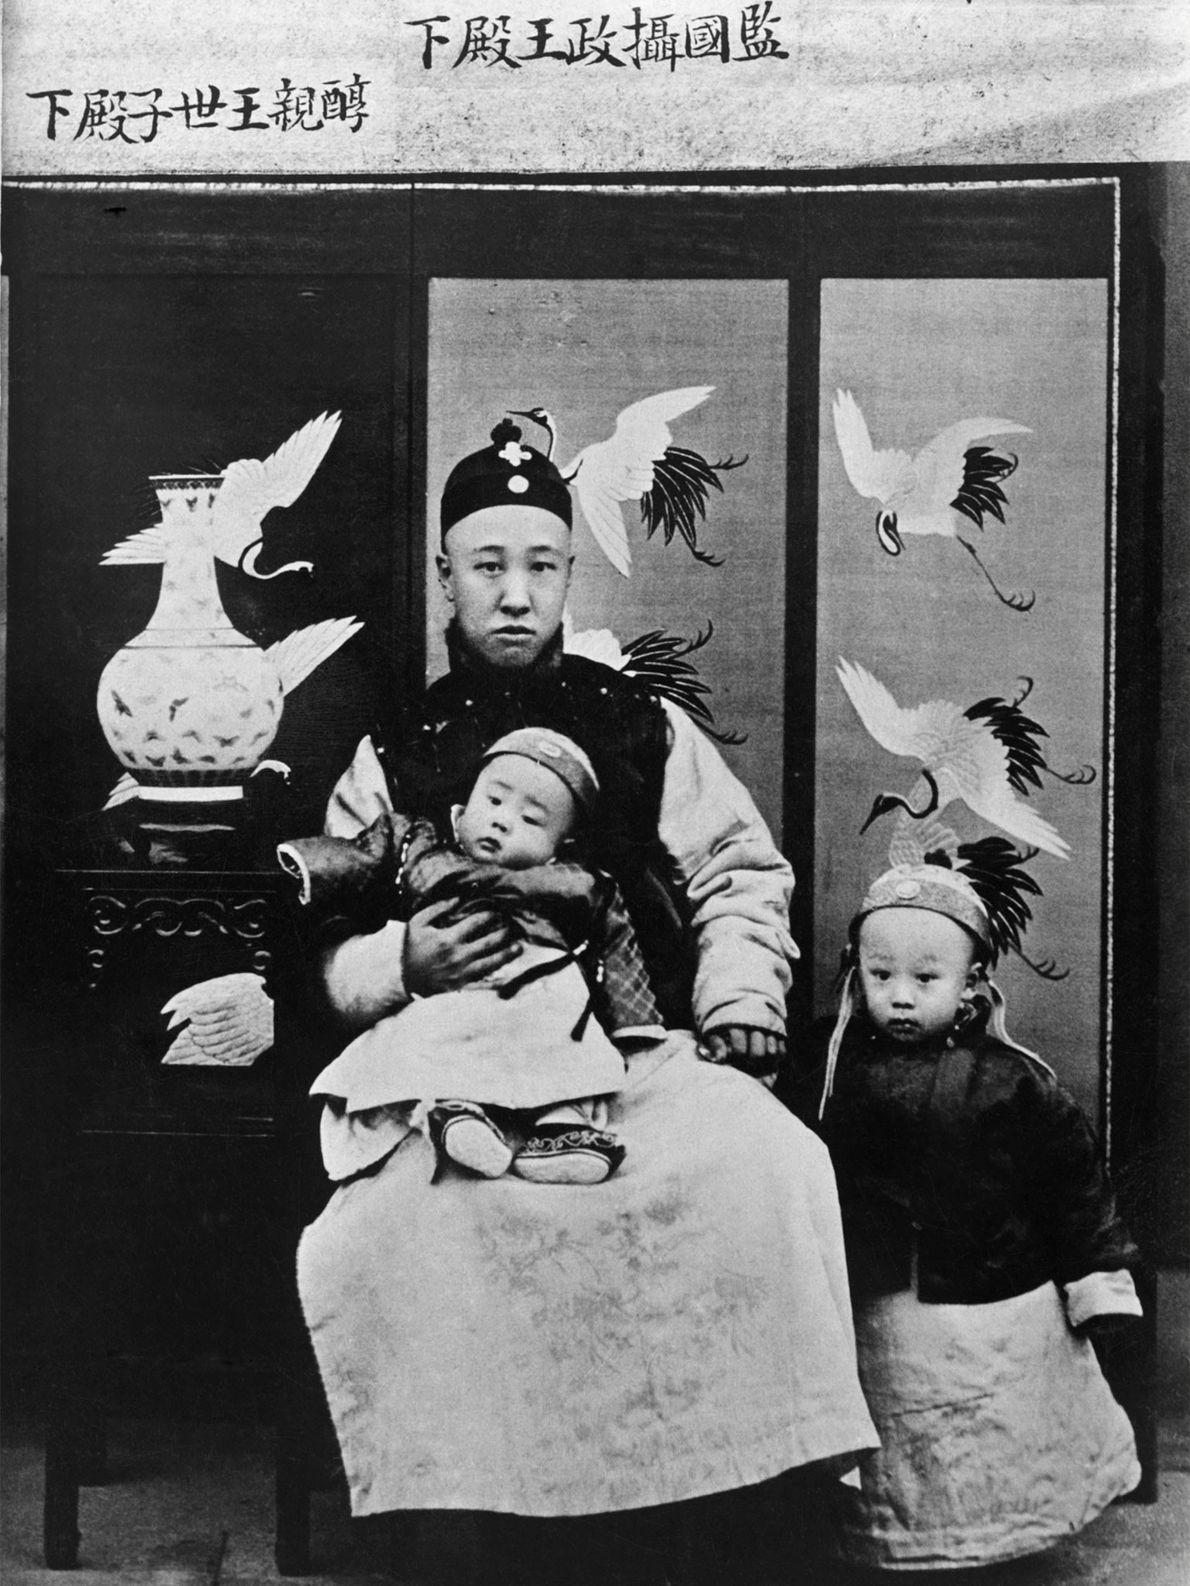 Le Prince de Chun, régent de Chine, prend la pose avec son fils, l'empereur Xuāntǒng, dans ...